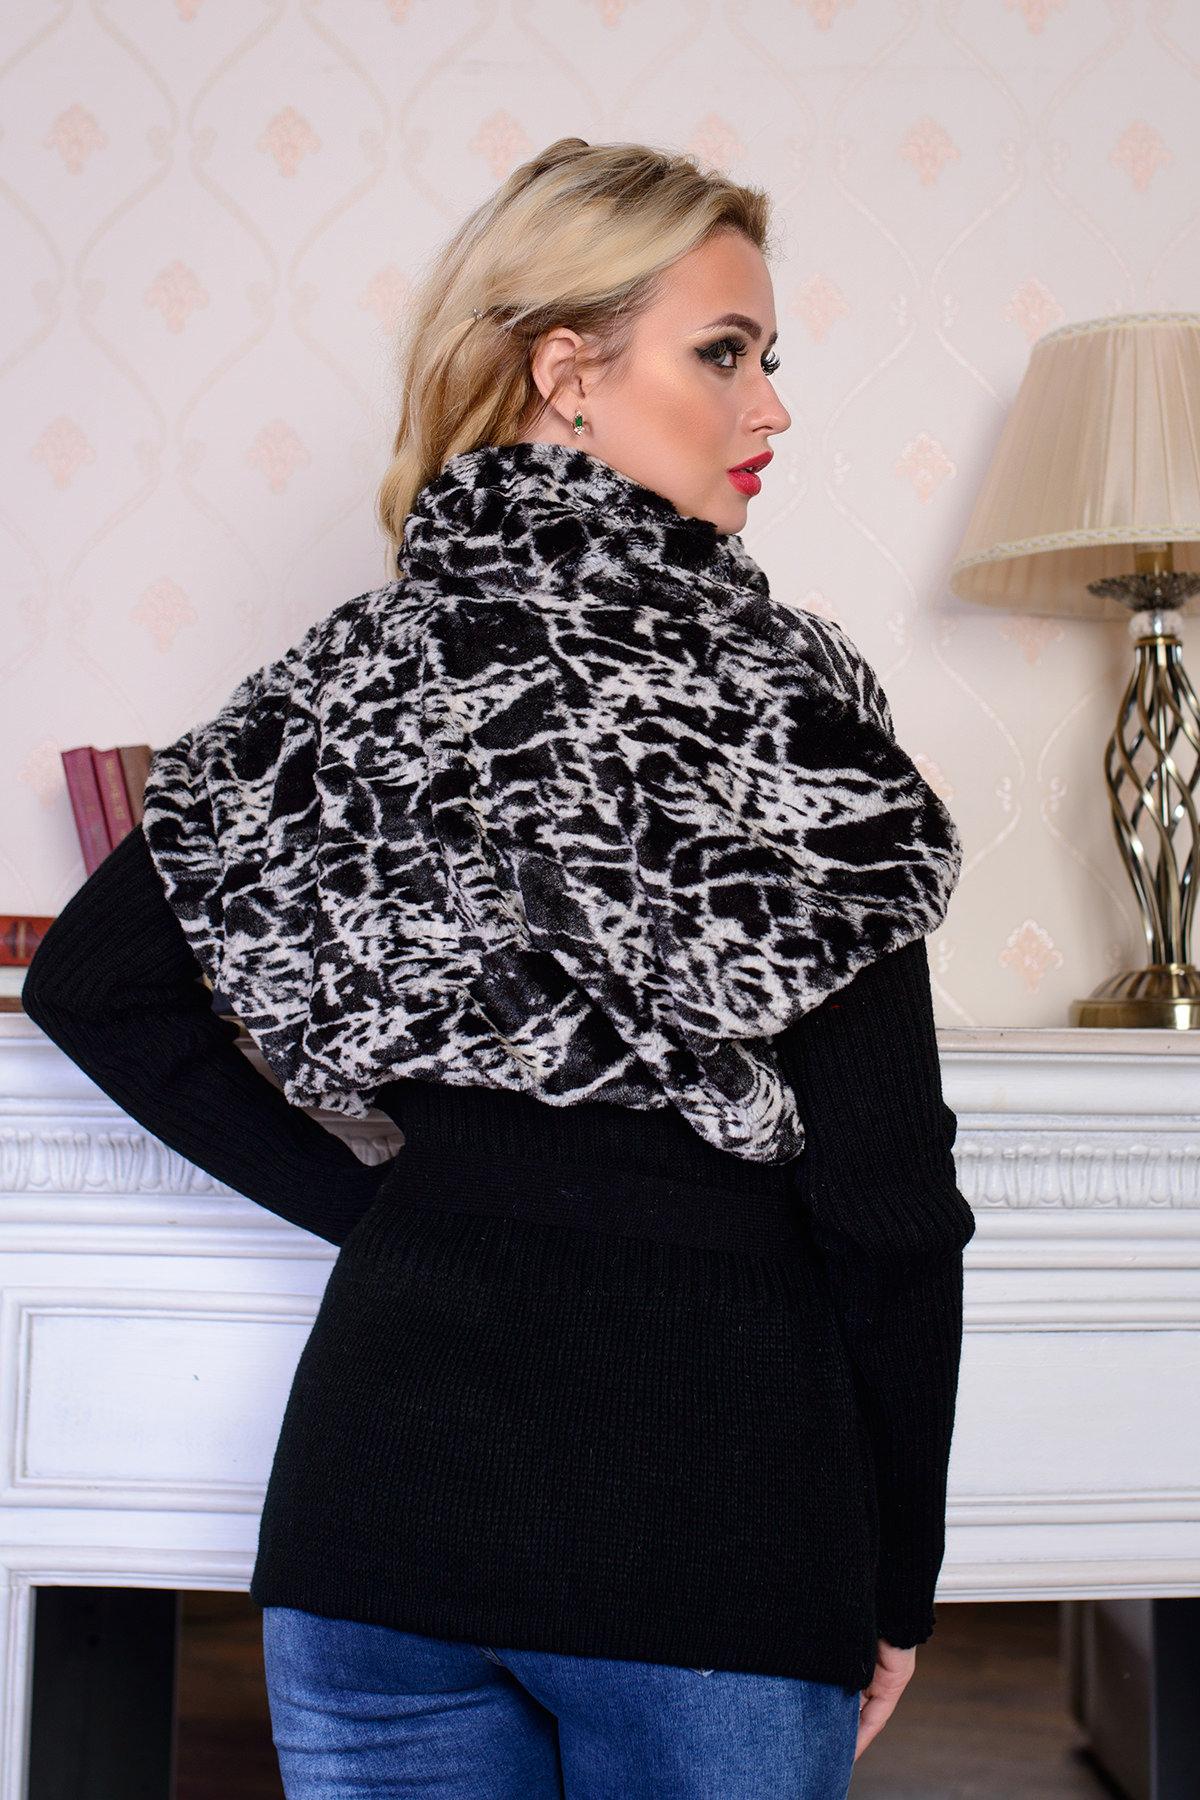 Куртка Малышка мех АРТ. 7630 Цвет: паутинка - фото 3, интернет магазин tm-modus.ru